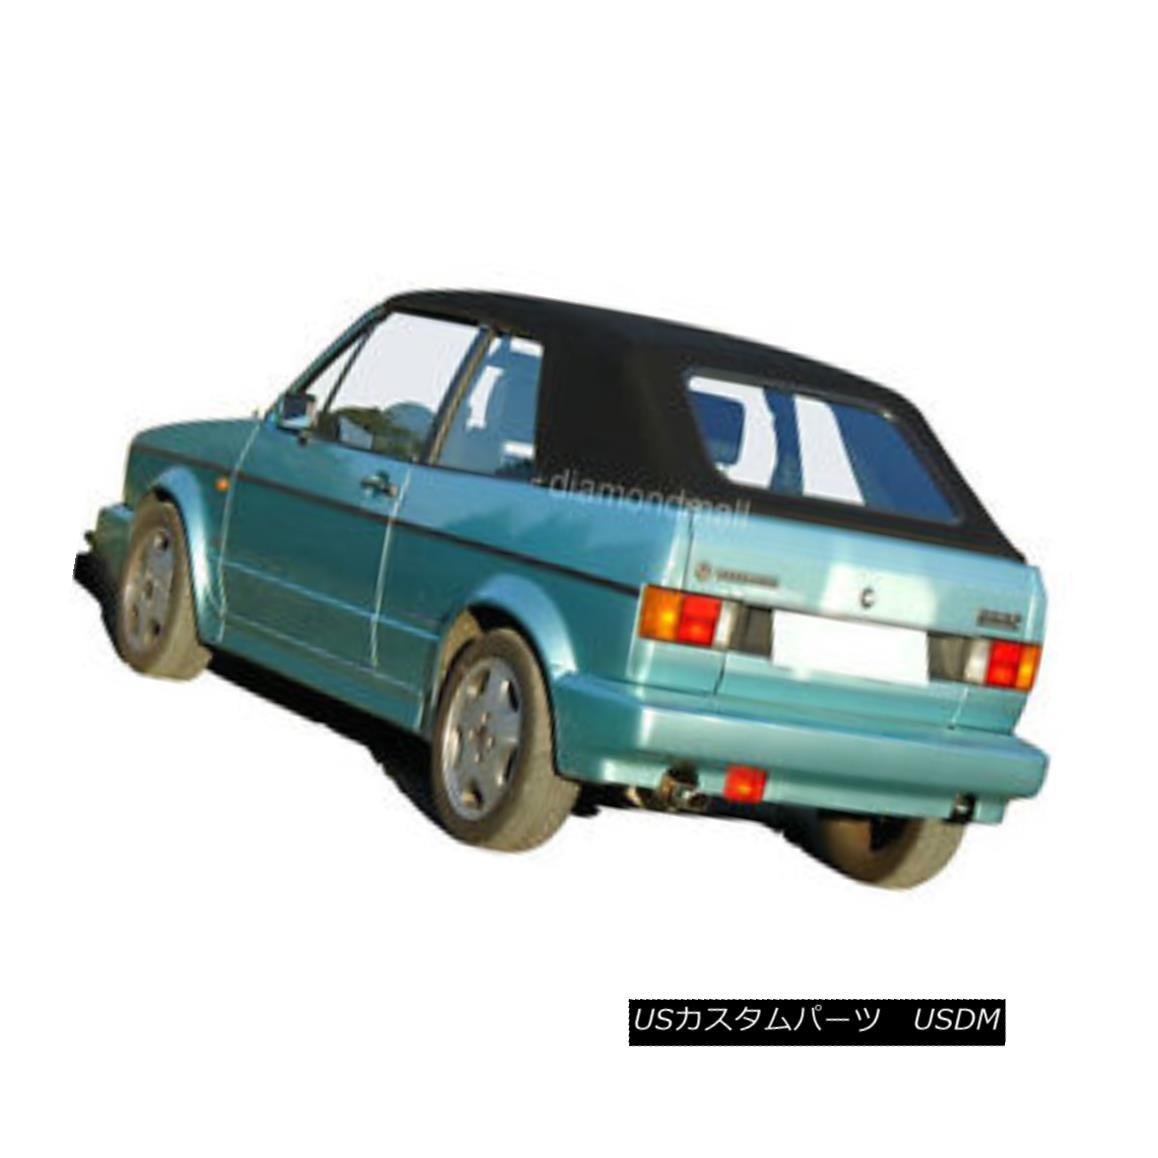 幌・ソフトトップ VW Volkswagen Rabbit Cabriolet Golf 1980-94 Convertible Soft Top Black Stayfast VWフォルクスワーゲンウサギカブリオレゴルフ1980-94コンバーチブルソフトトップブラックブラック